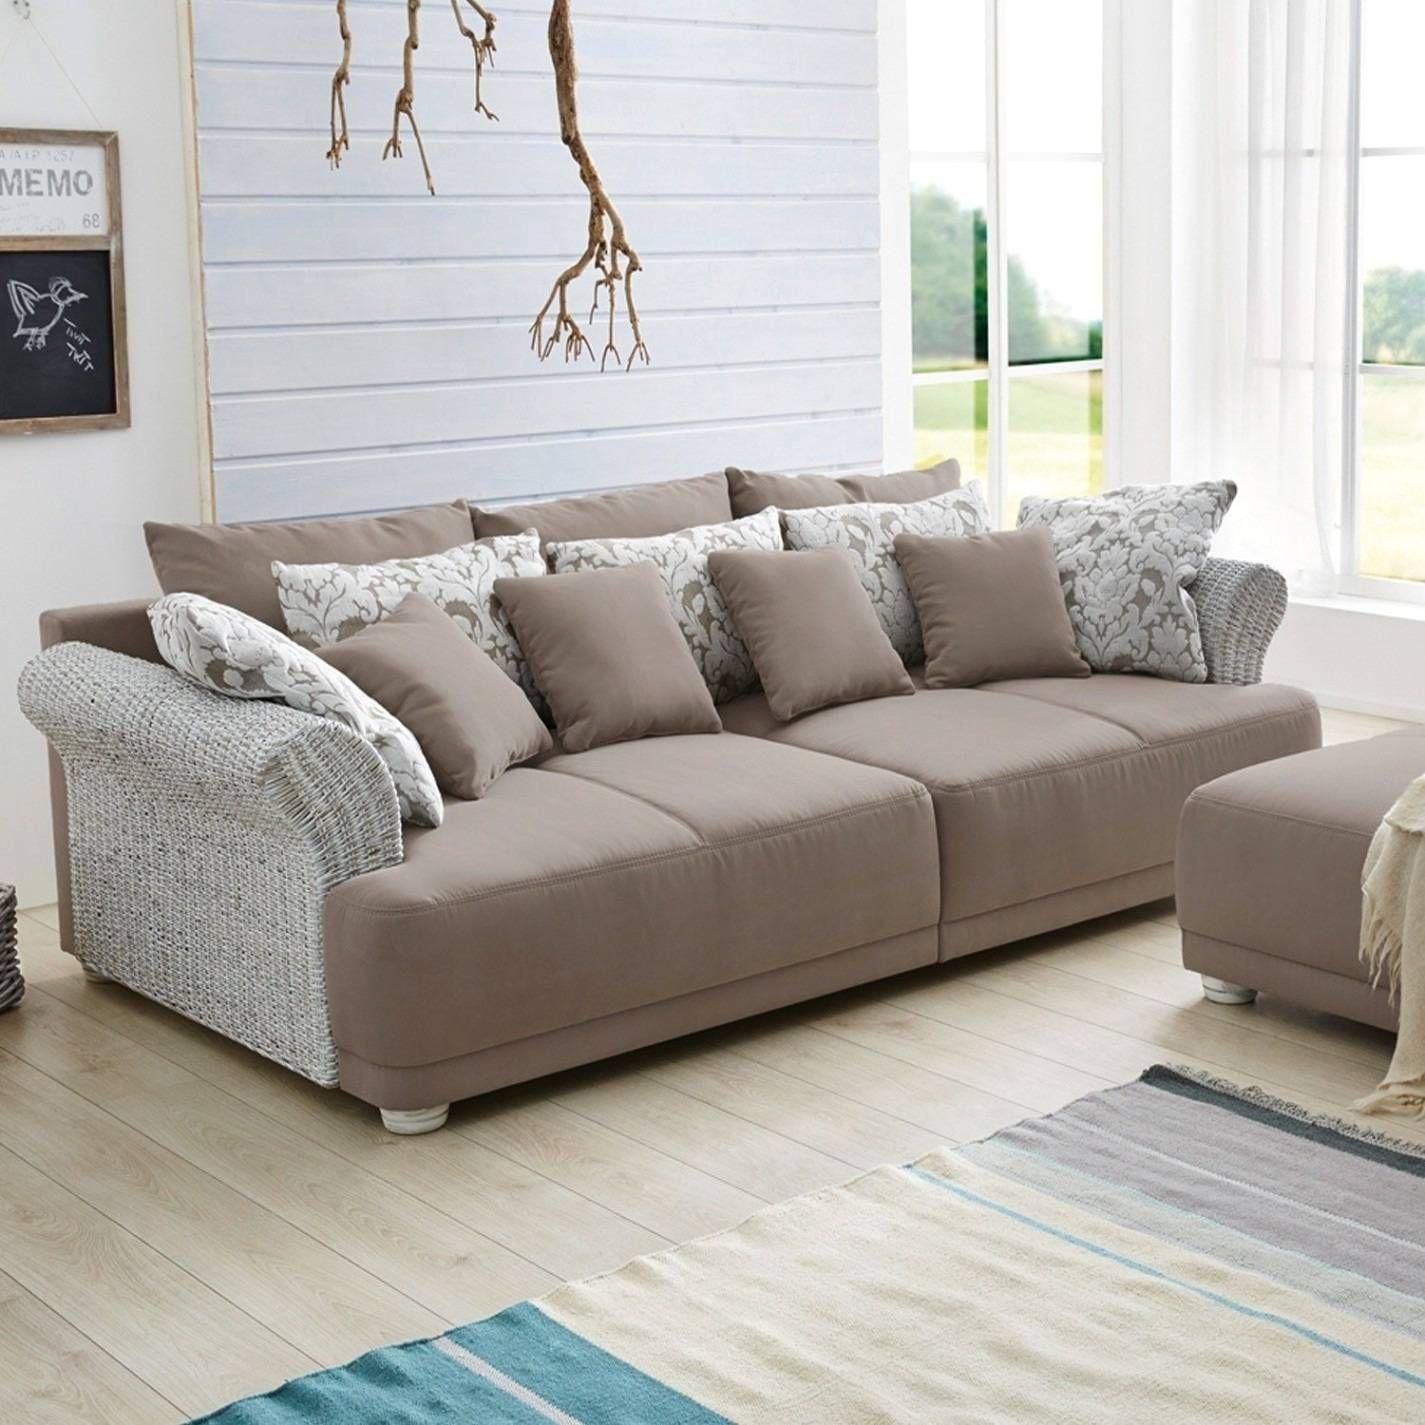 Awesome Hardeck sofa   Otto möbel, Möbel hardeck, Möbel wohnzimmer